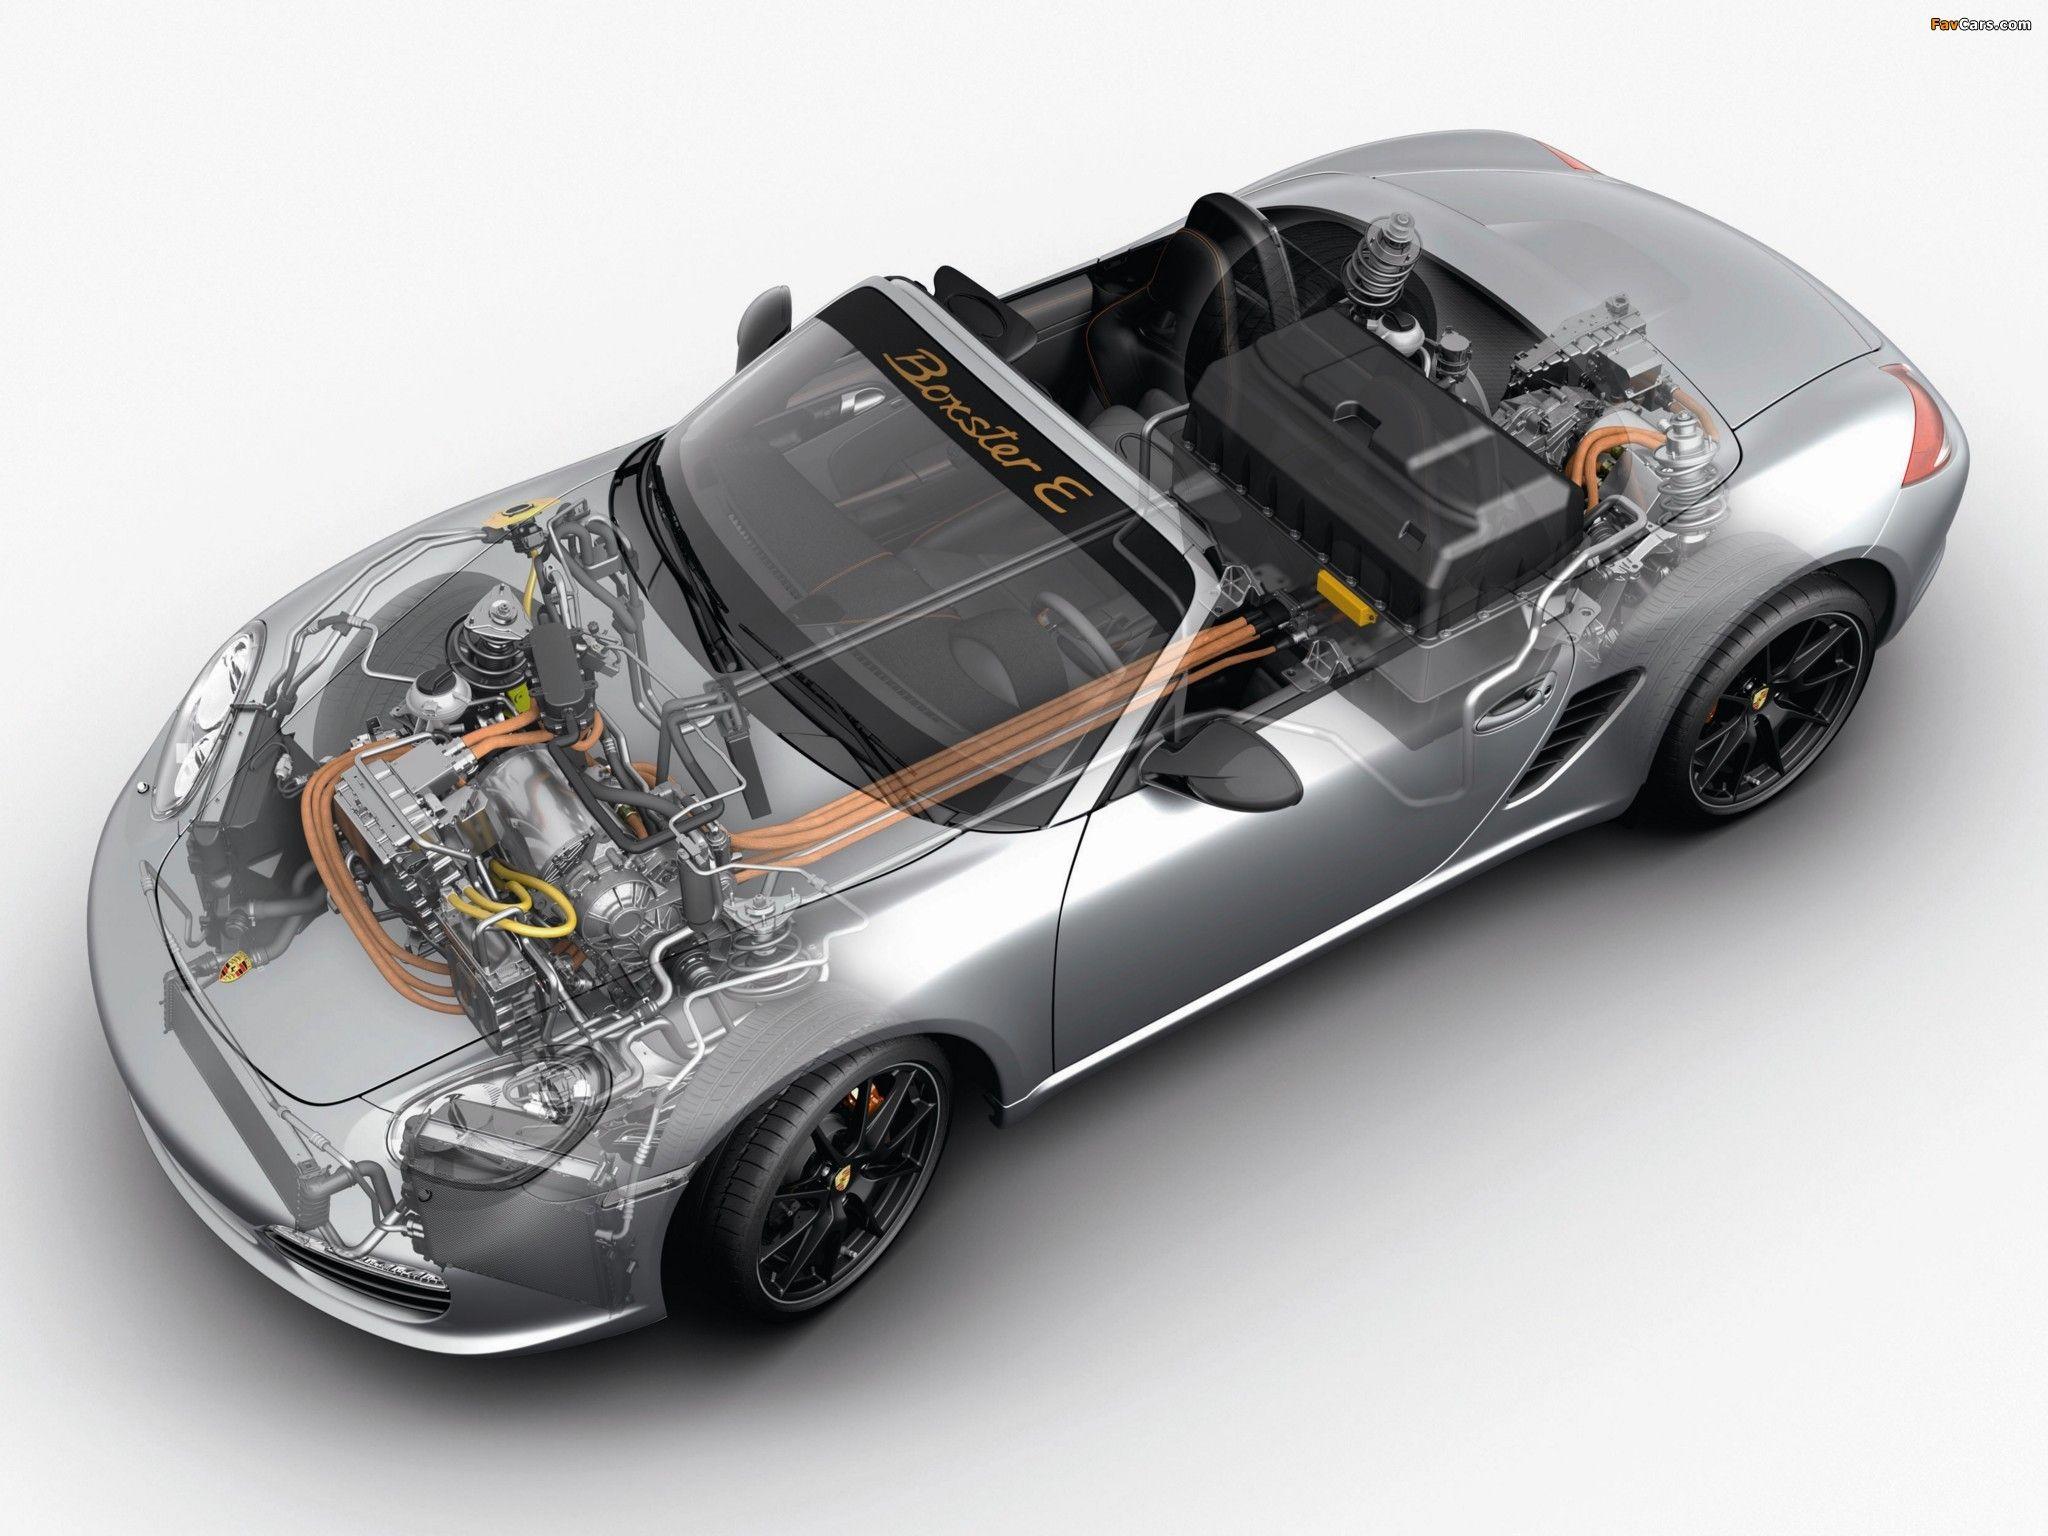 fb901c66e7b8743e2a92a78dc0fe4292 Breathtaking Tamiya Porsche 911 Gt1 Full View Cars Trend